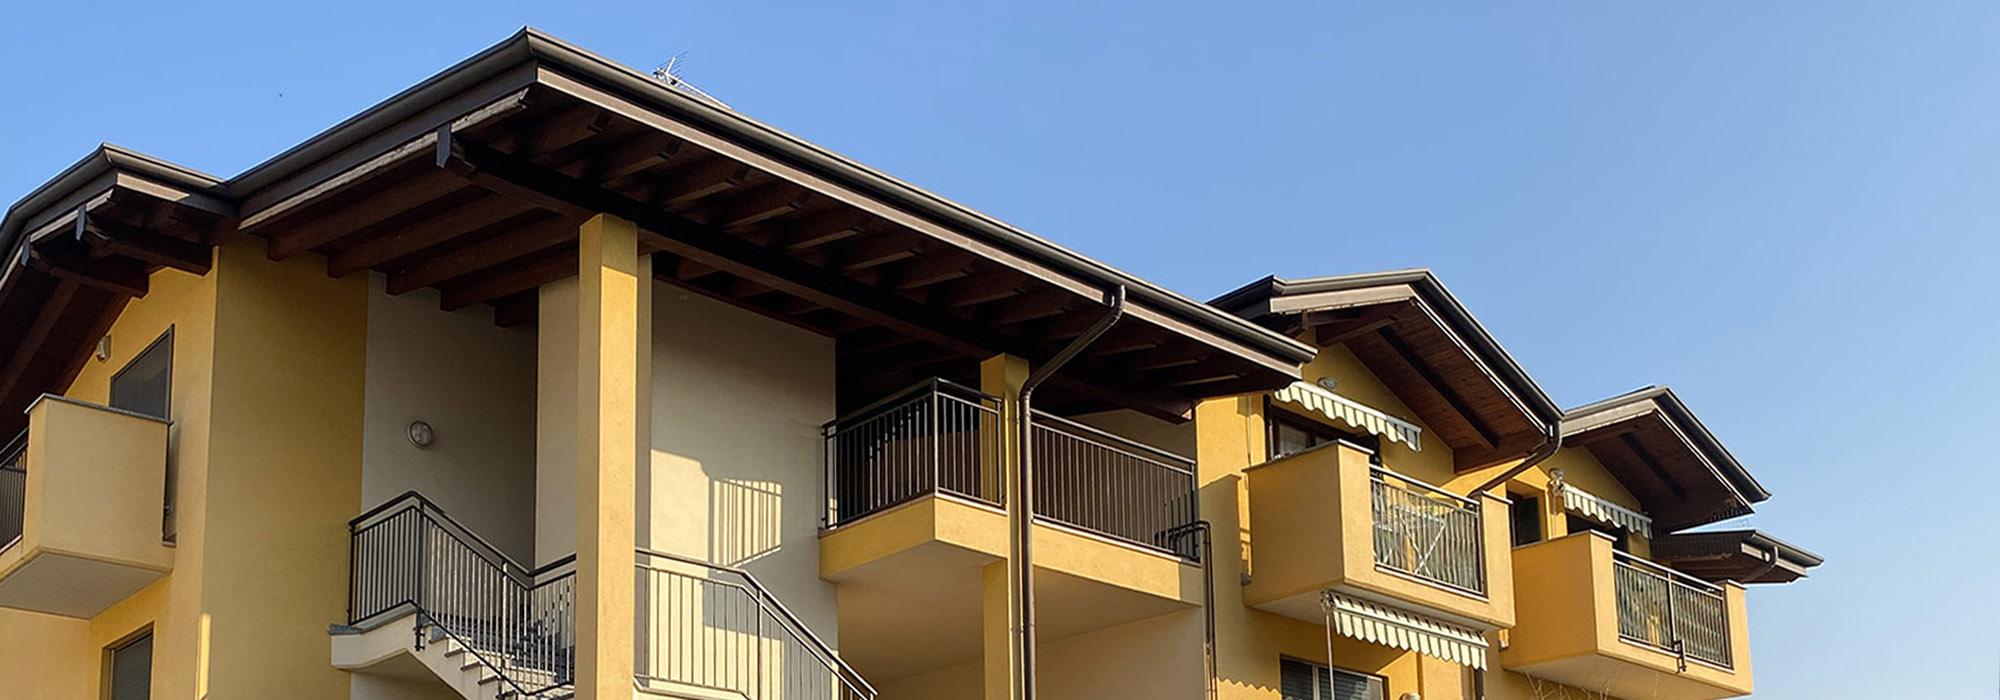 Appartamento in mansarda, Solbiate Olona